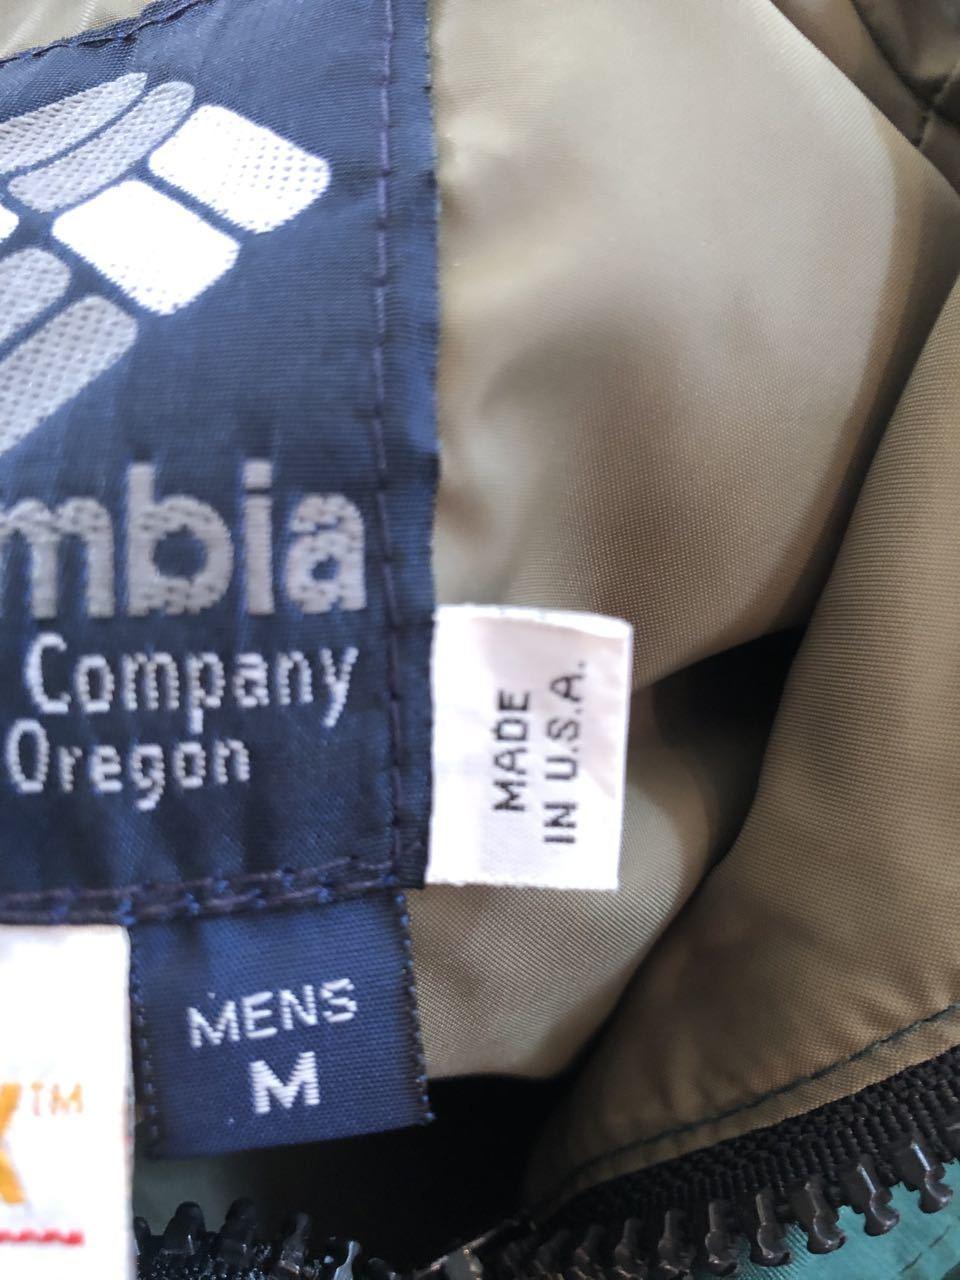 1月7日(火)入荷!Made in U.S.A  90s Columbia GORE-TEX  コロンビア ゴアテックス マウンテンパーカー_c0144020_14103394.jpg